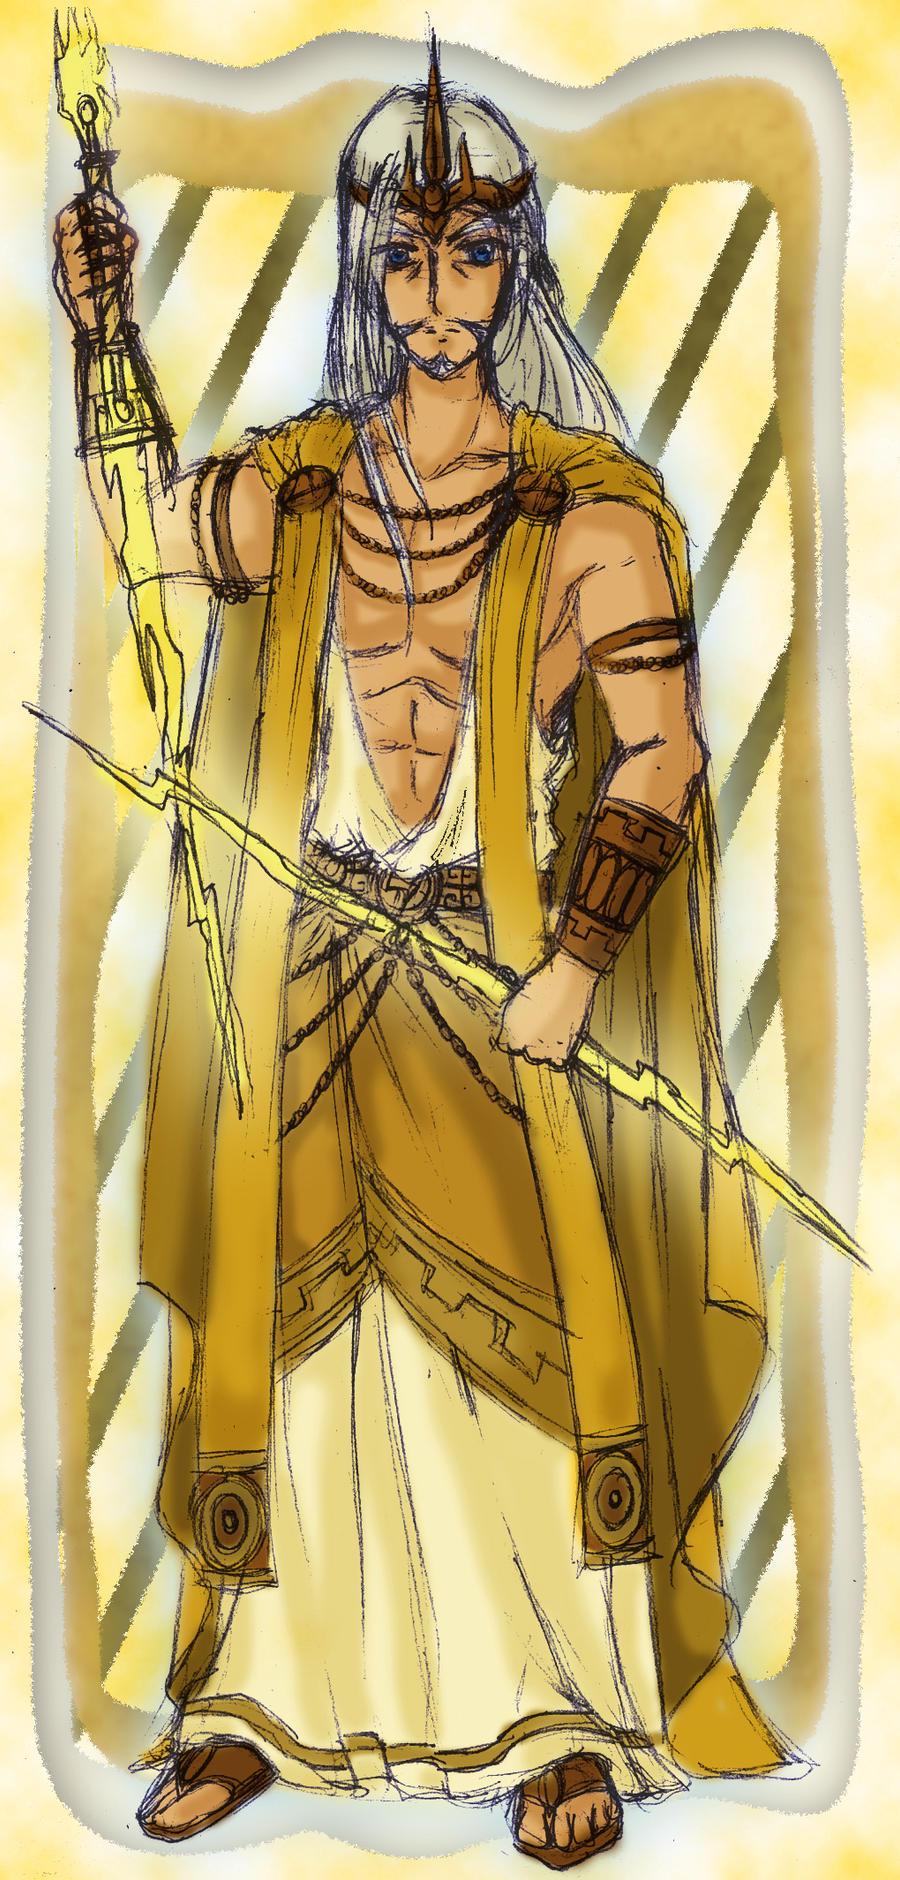 Zeus by lordaphaius28